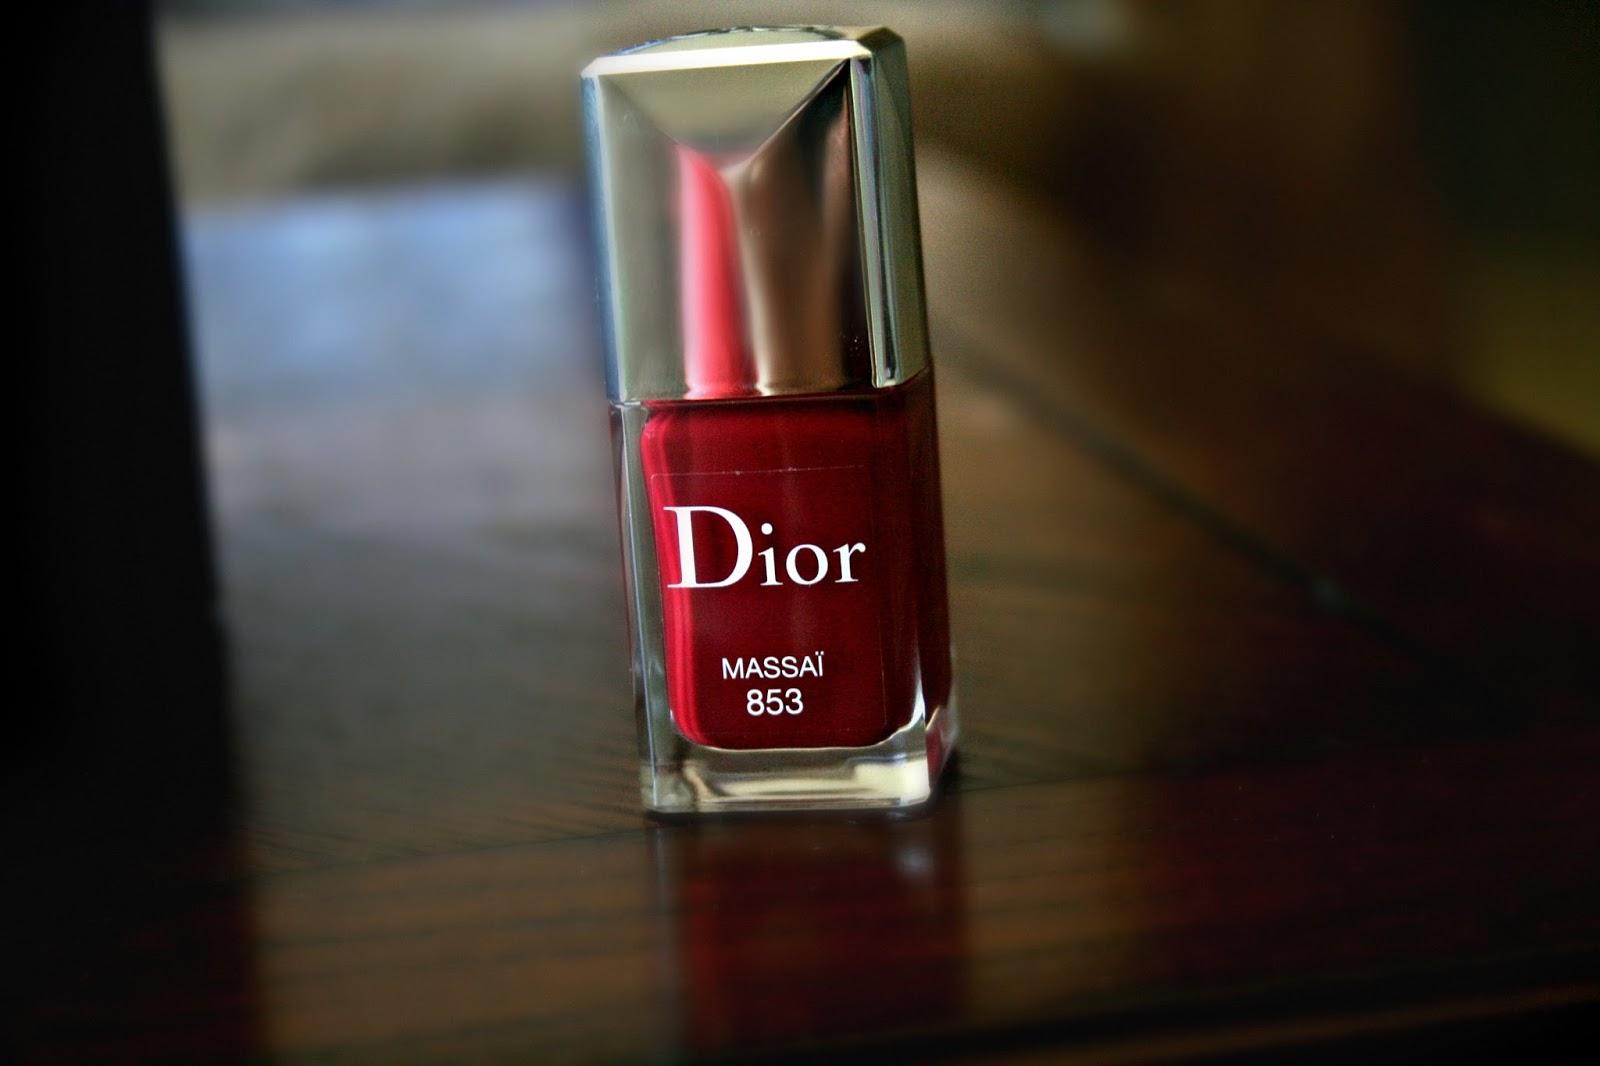 Dior Vernis Massai 853